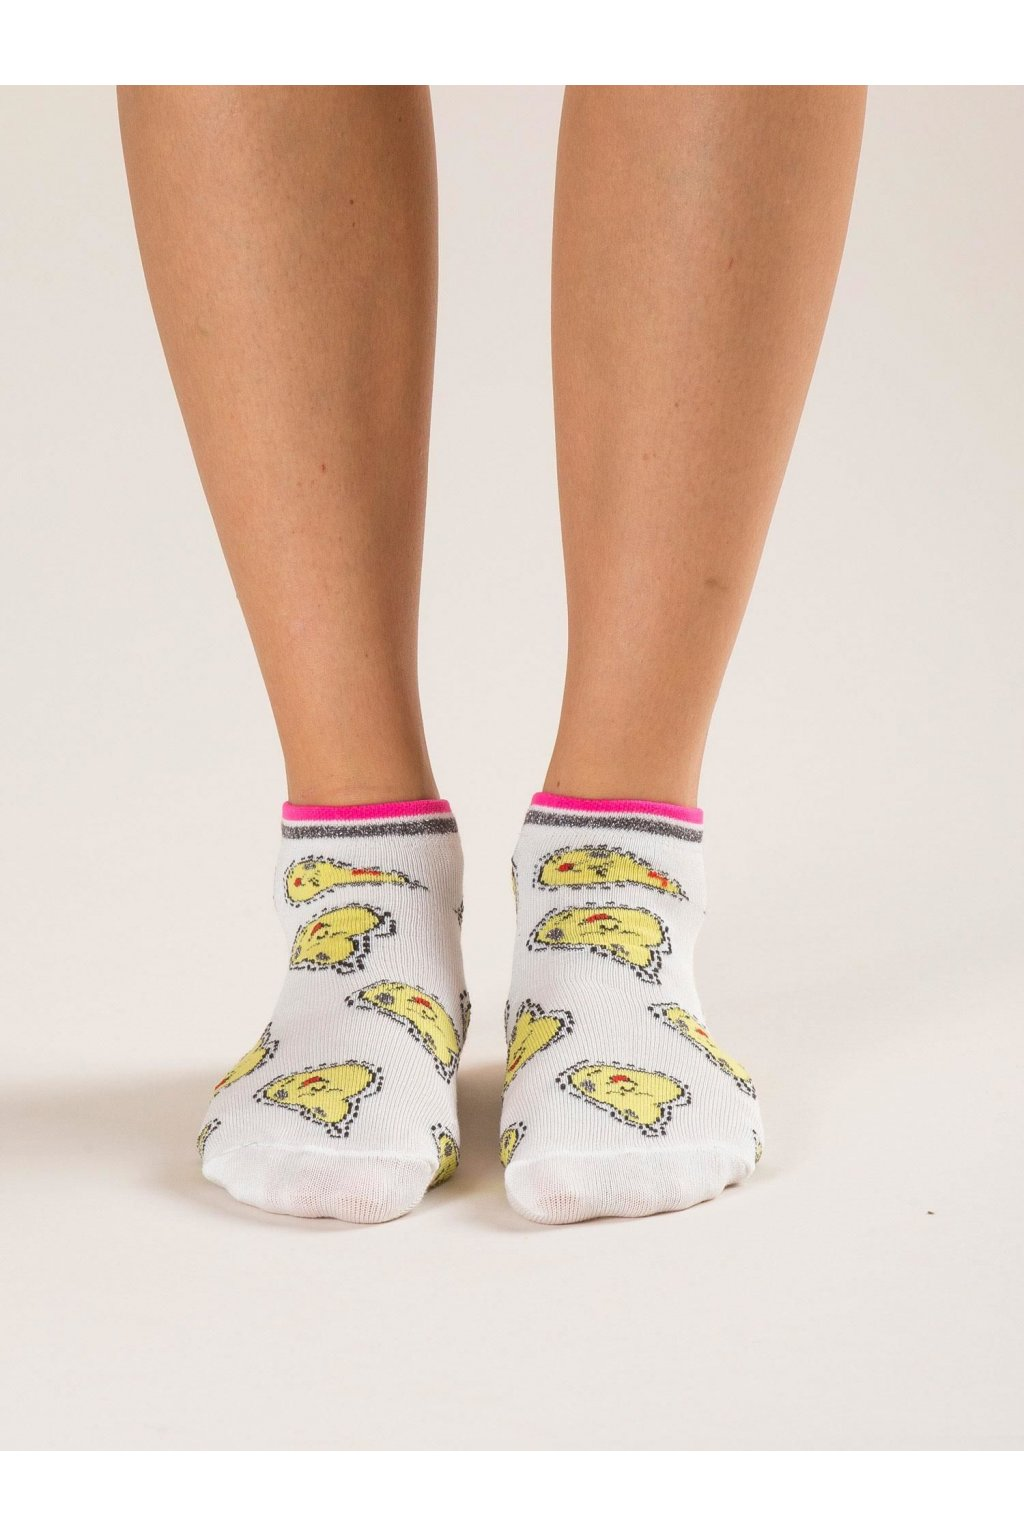 Dámske ponožky kód 20-SR-109(2)